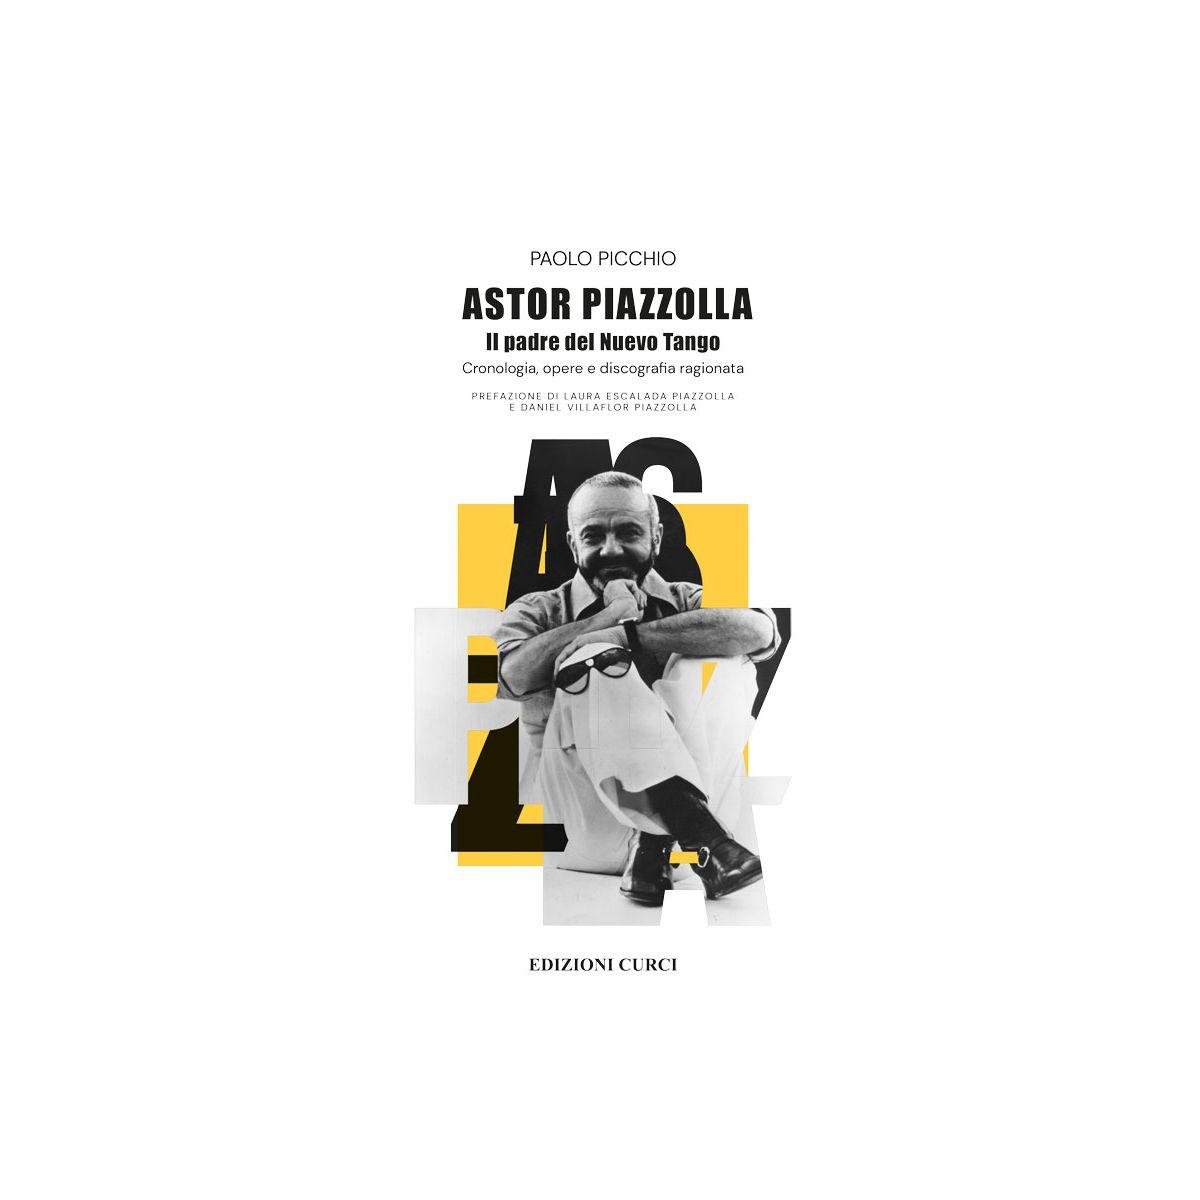 Picchio Astor Piazzolla Il padre del Nuevo Tango